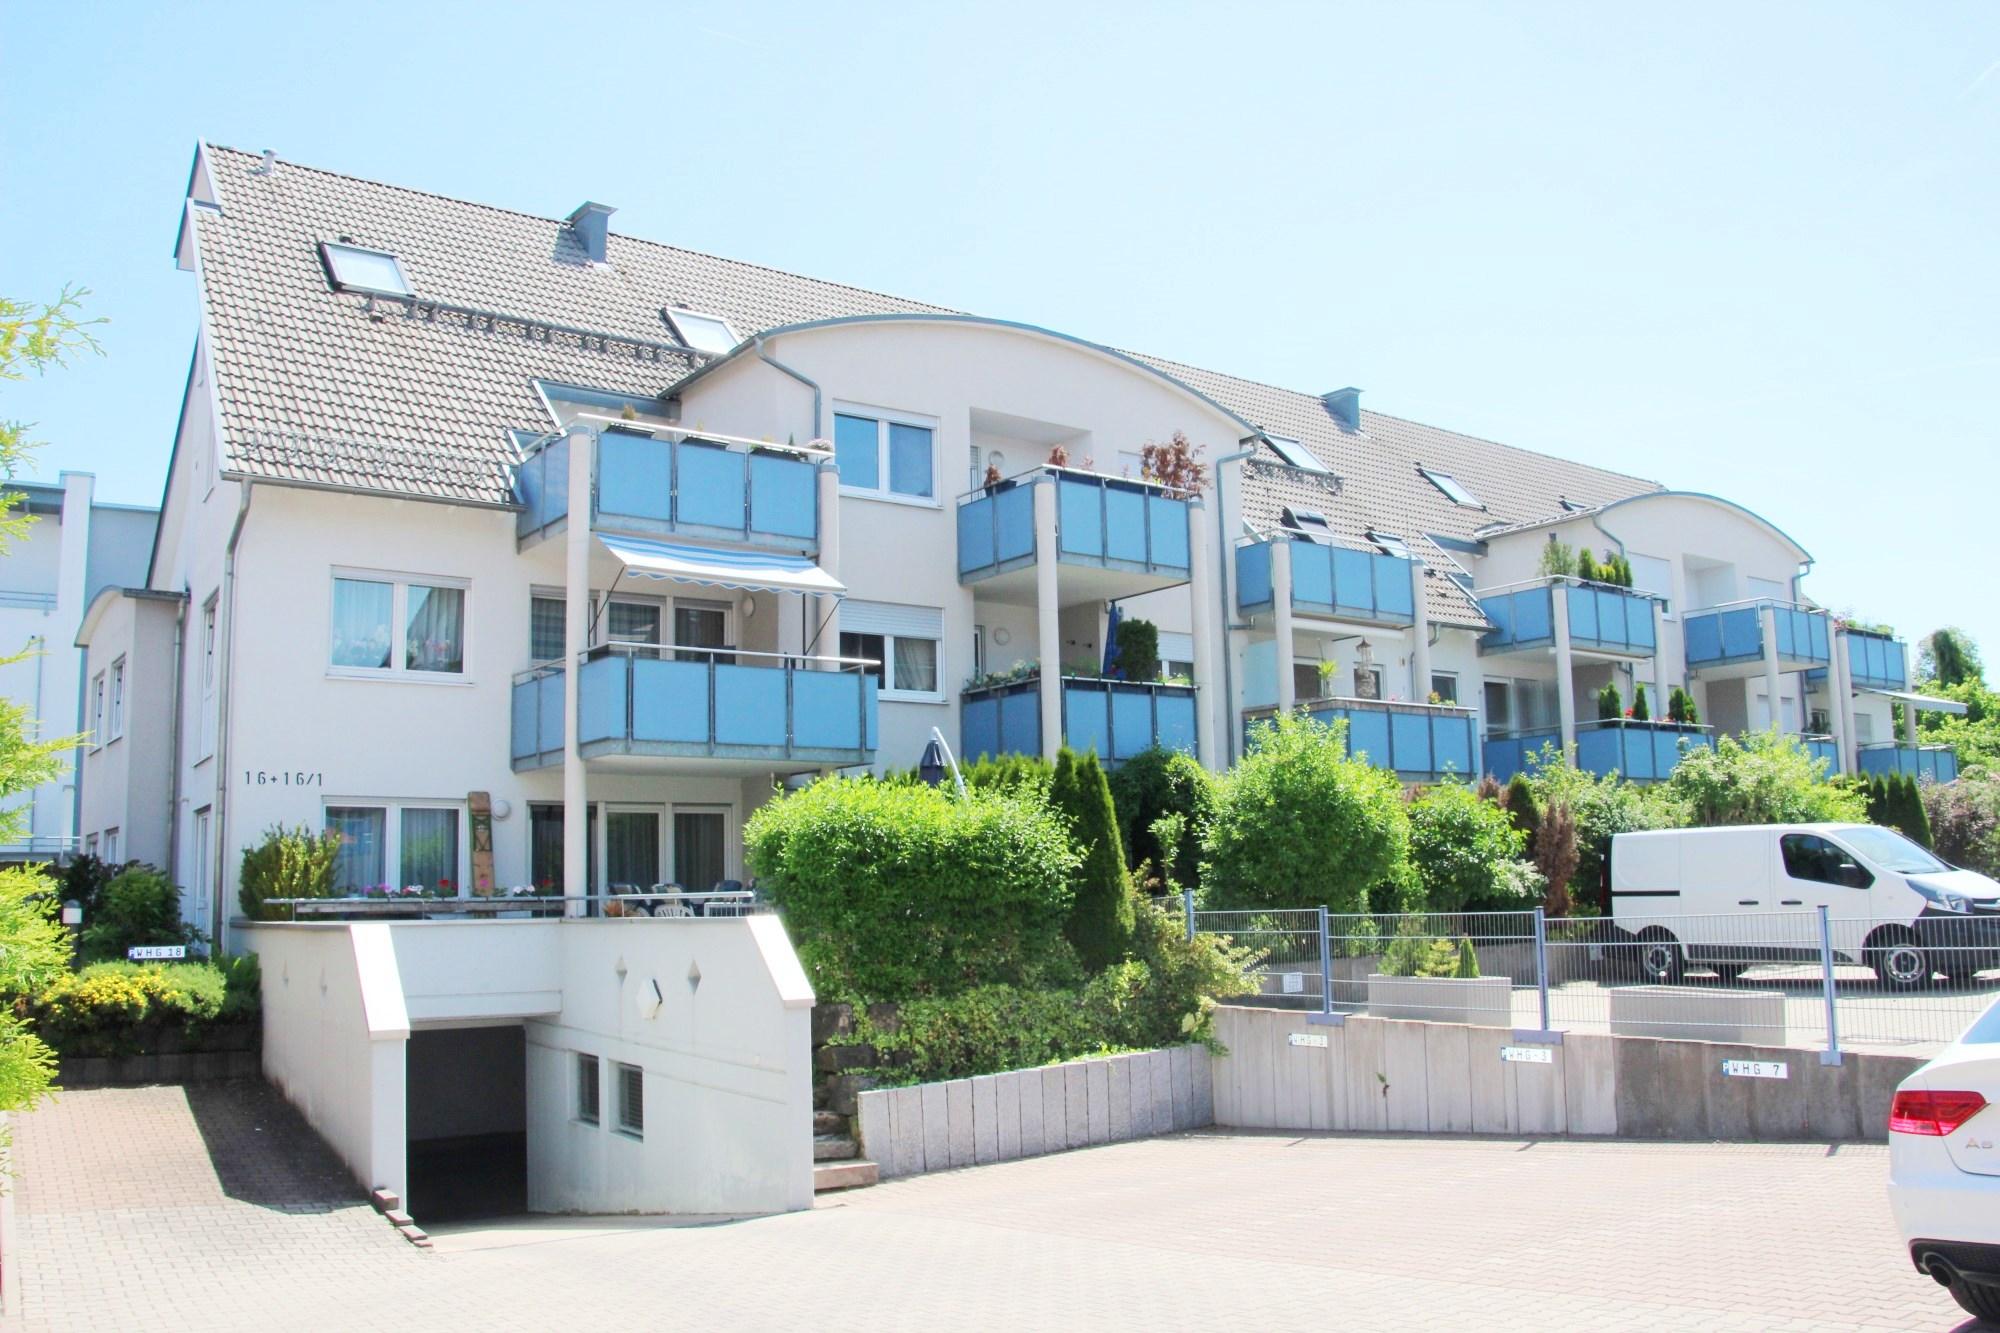 2001 | 16-Familienhaus Traubenstraße in Magstadt, Architekt Dipl. Ing Ulrich Gehrereferenz